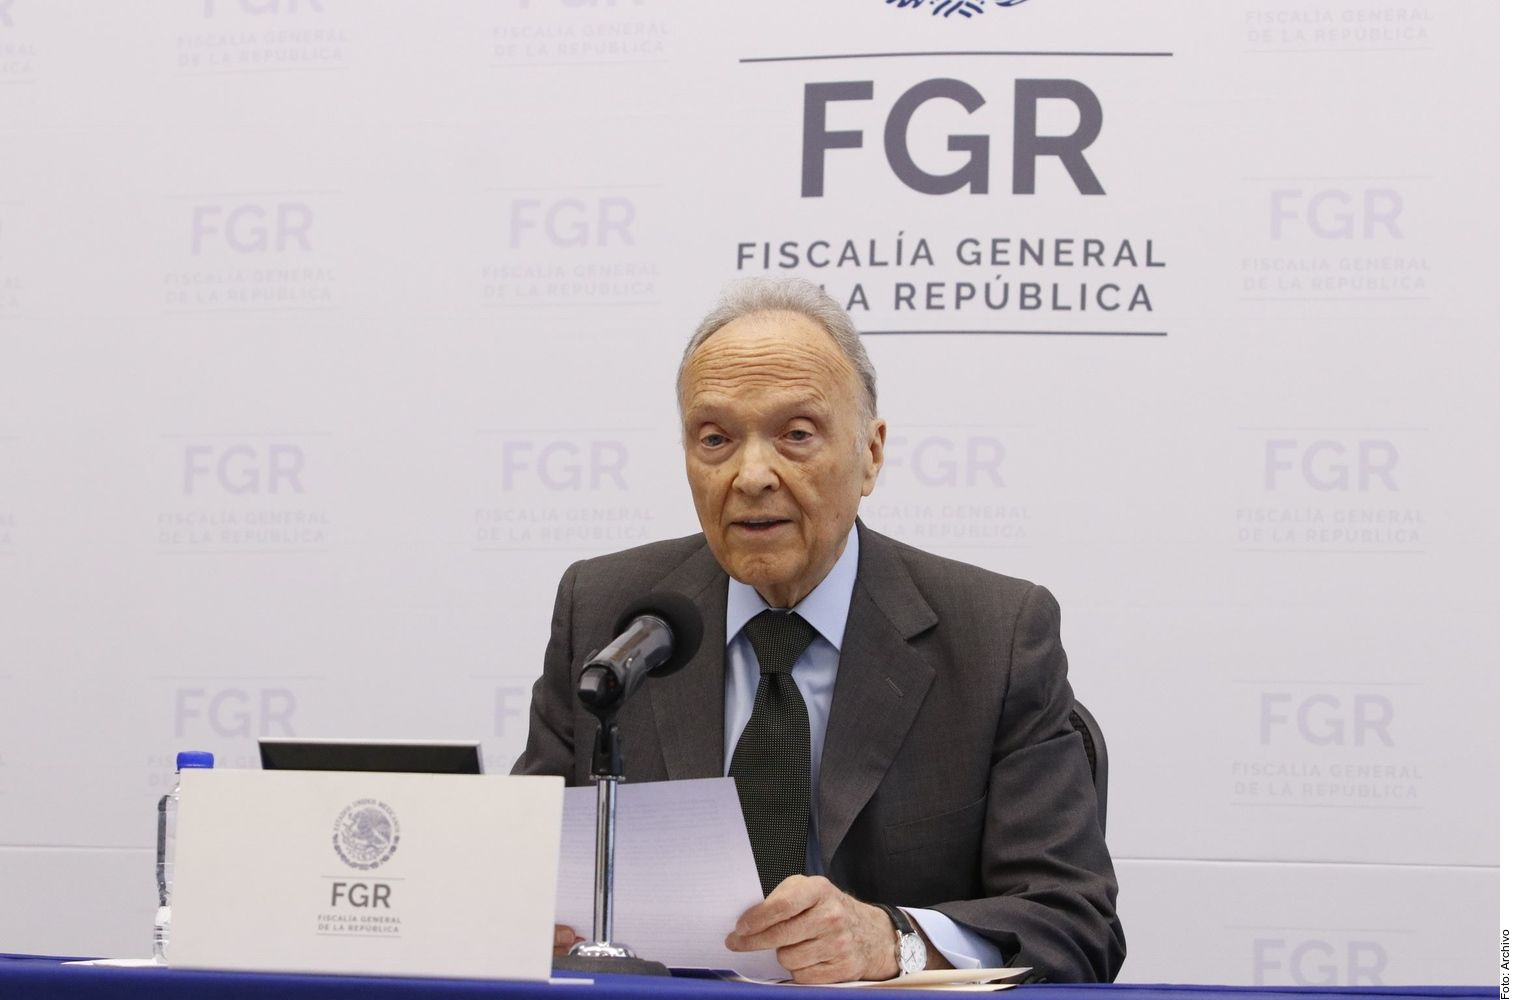 """La dependencia a cargo de Alejandro Gertz Manero señaló que ante estas inconsistencias en el fallo judicial, la FGR apeló de inmediato la libertad en favor de """"El Mochomo""""."""